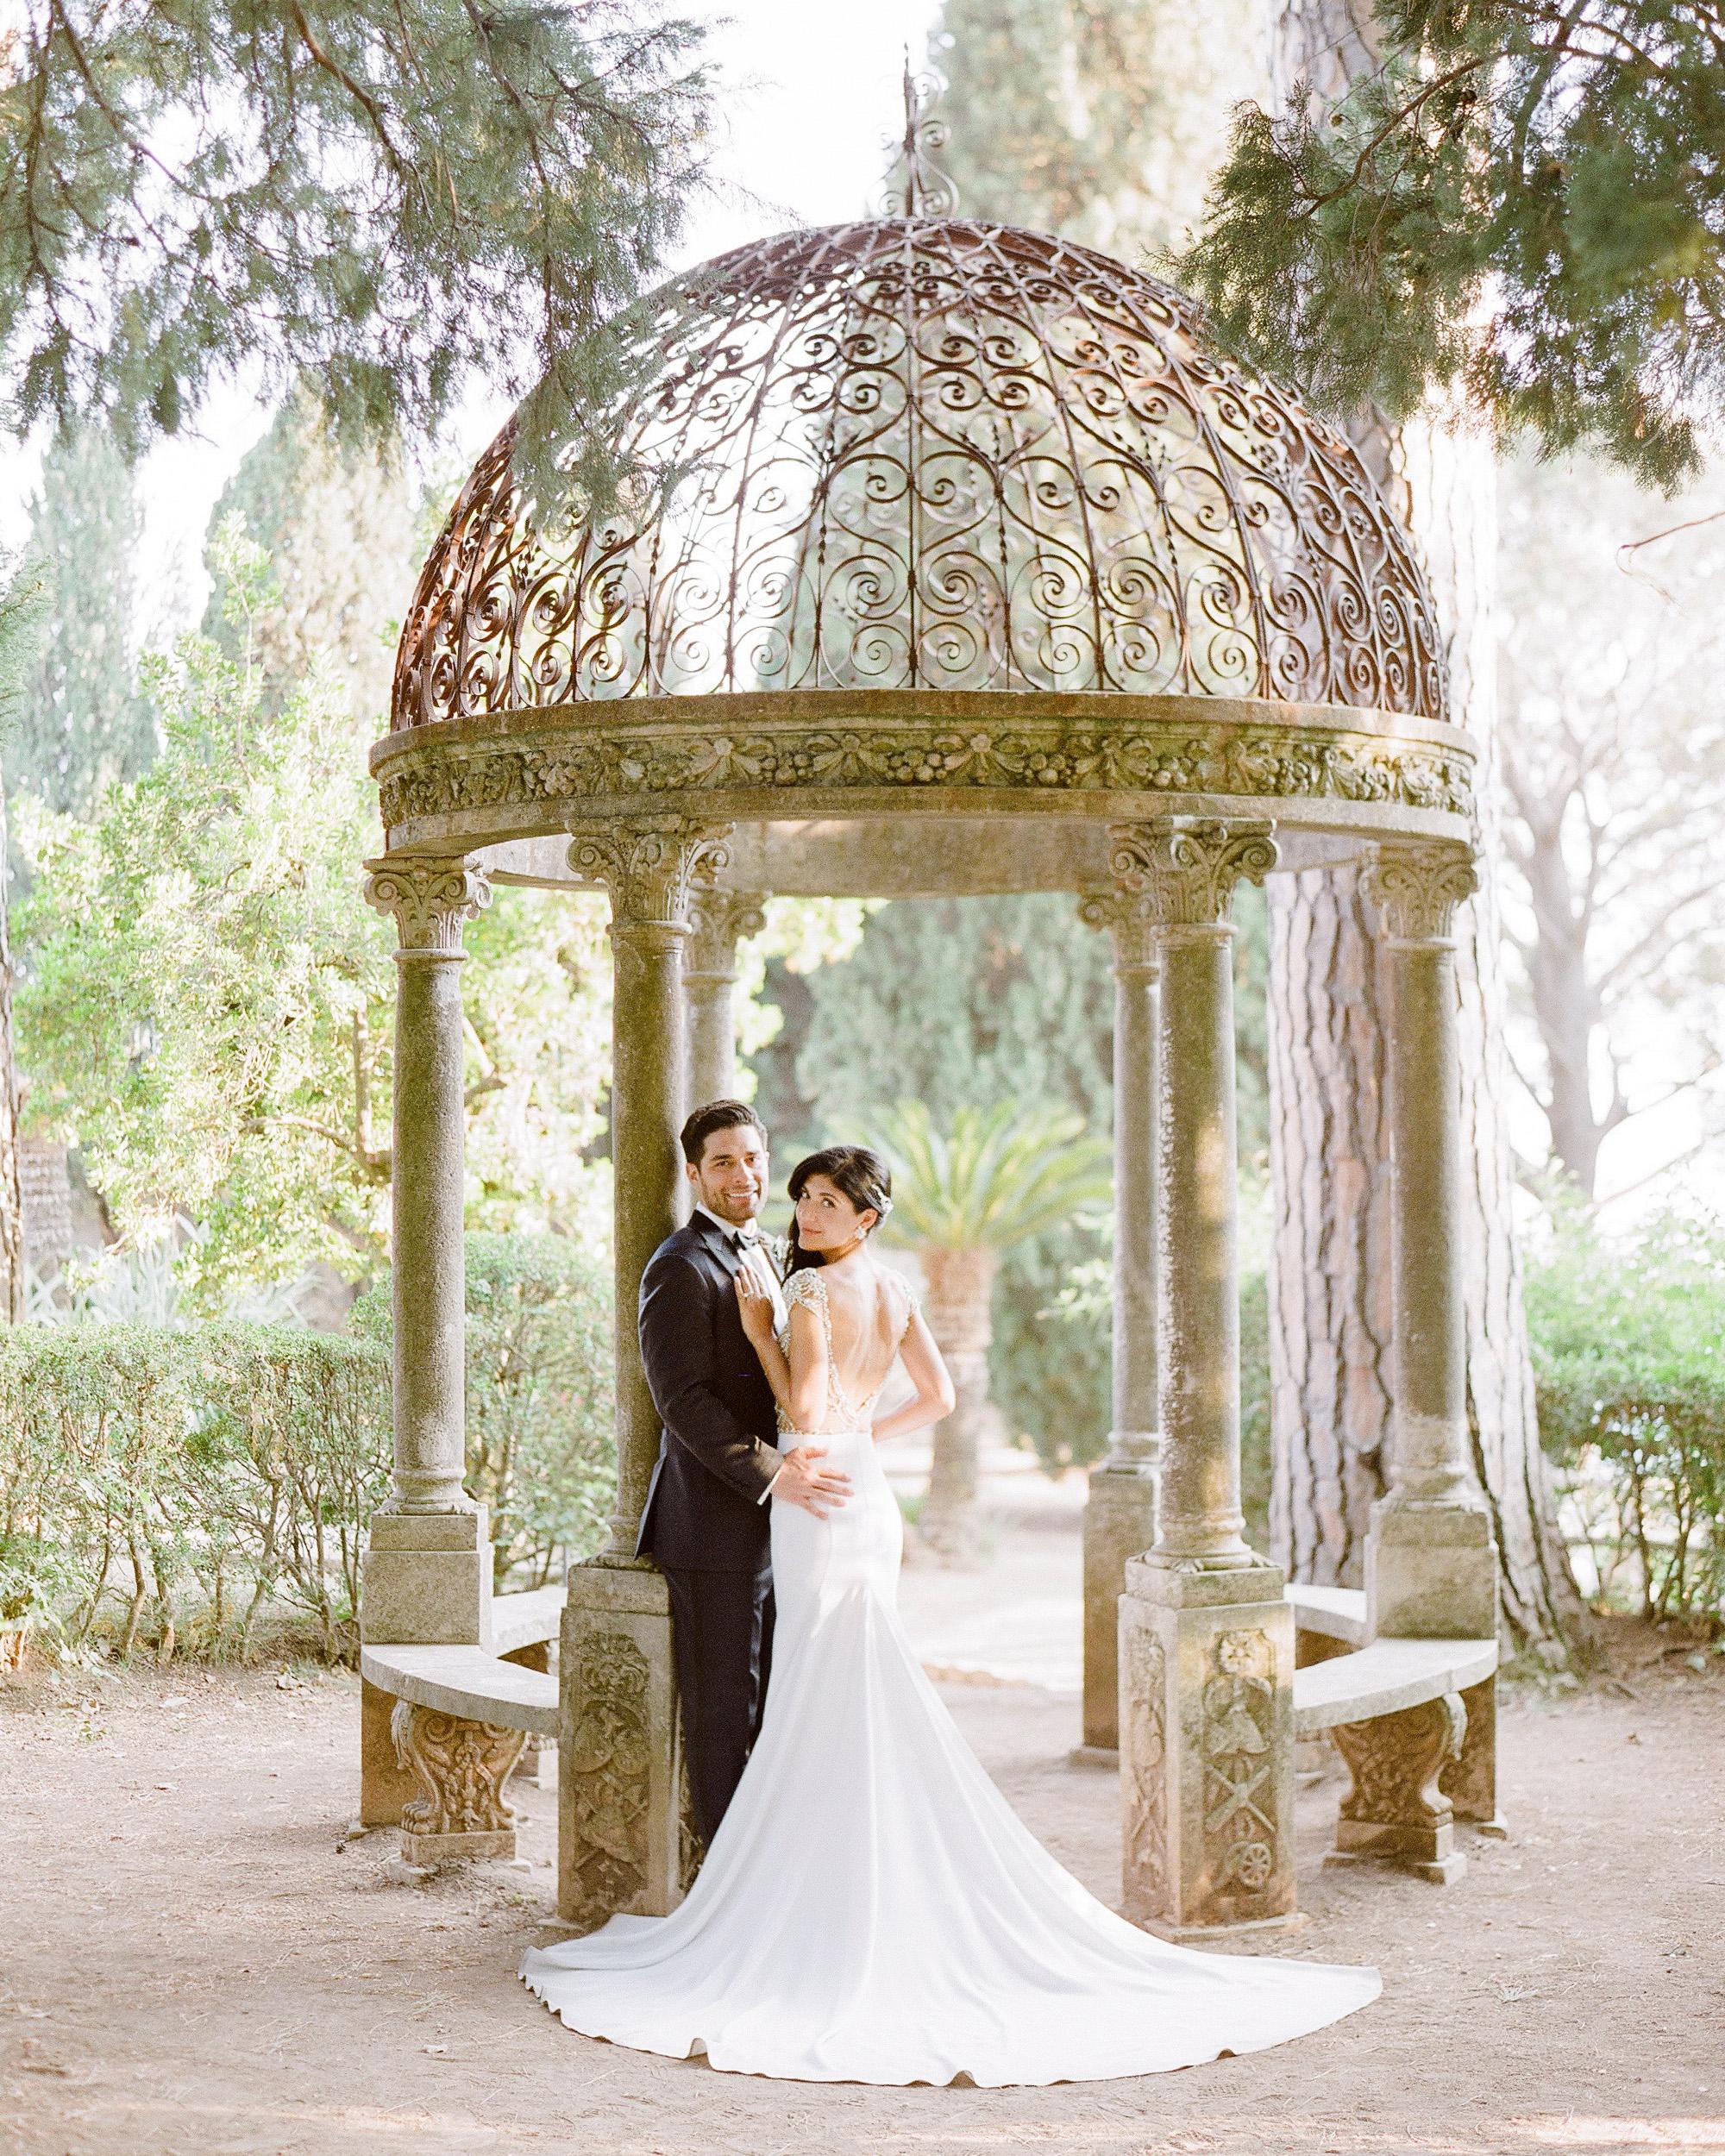 lisa greg italy wedding couple outdoor portrait